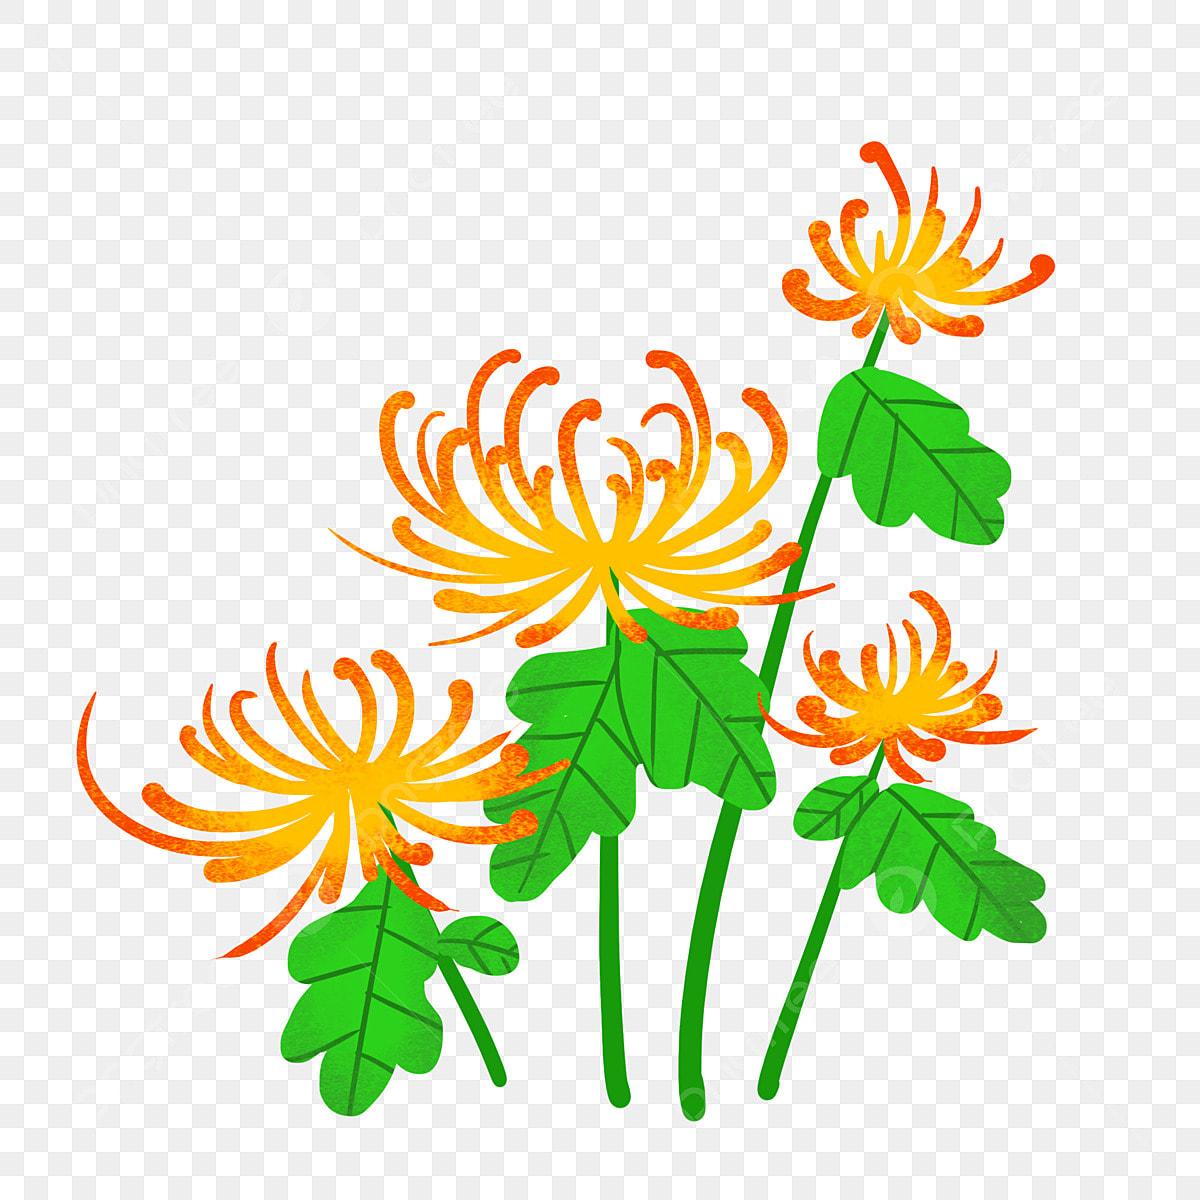 Dessin Animé Main Dessinée Chrysanthème Fleur Bouquet